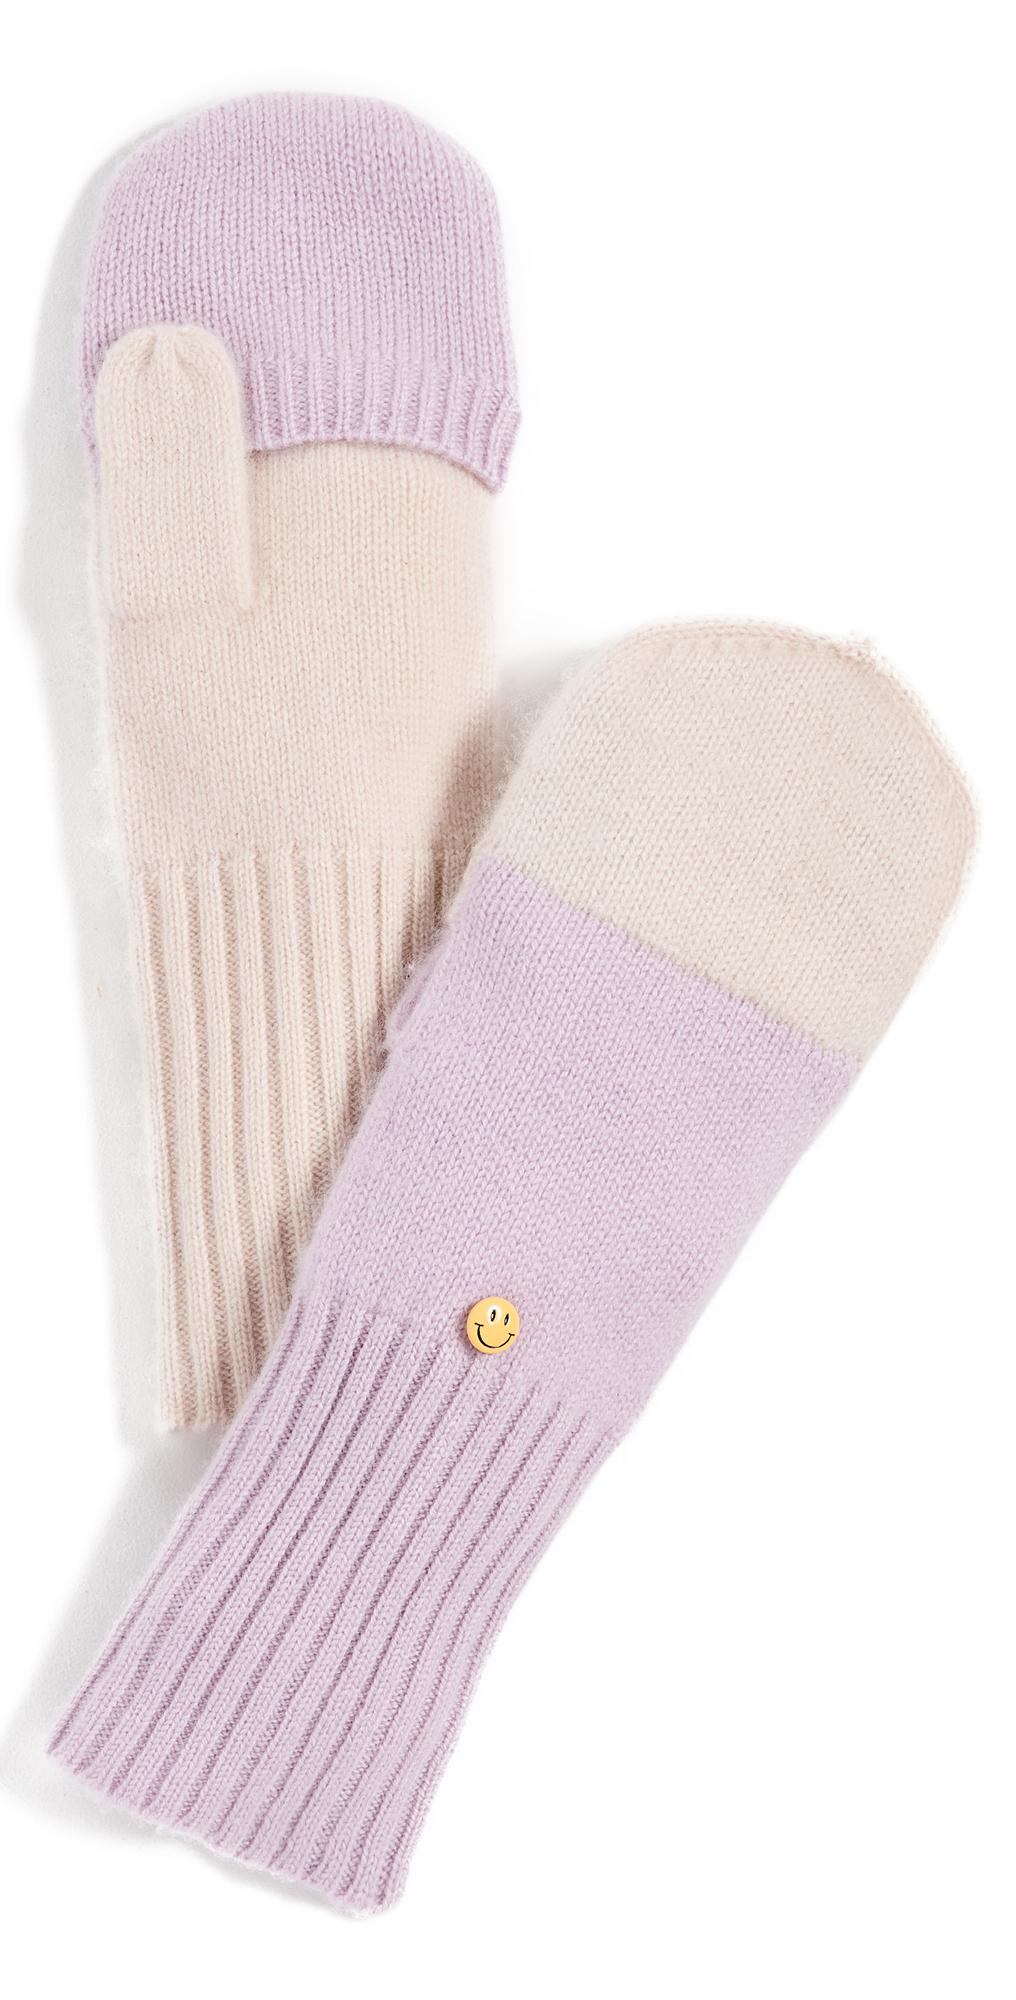 Flipblocked Cashmere Mittens